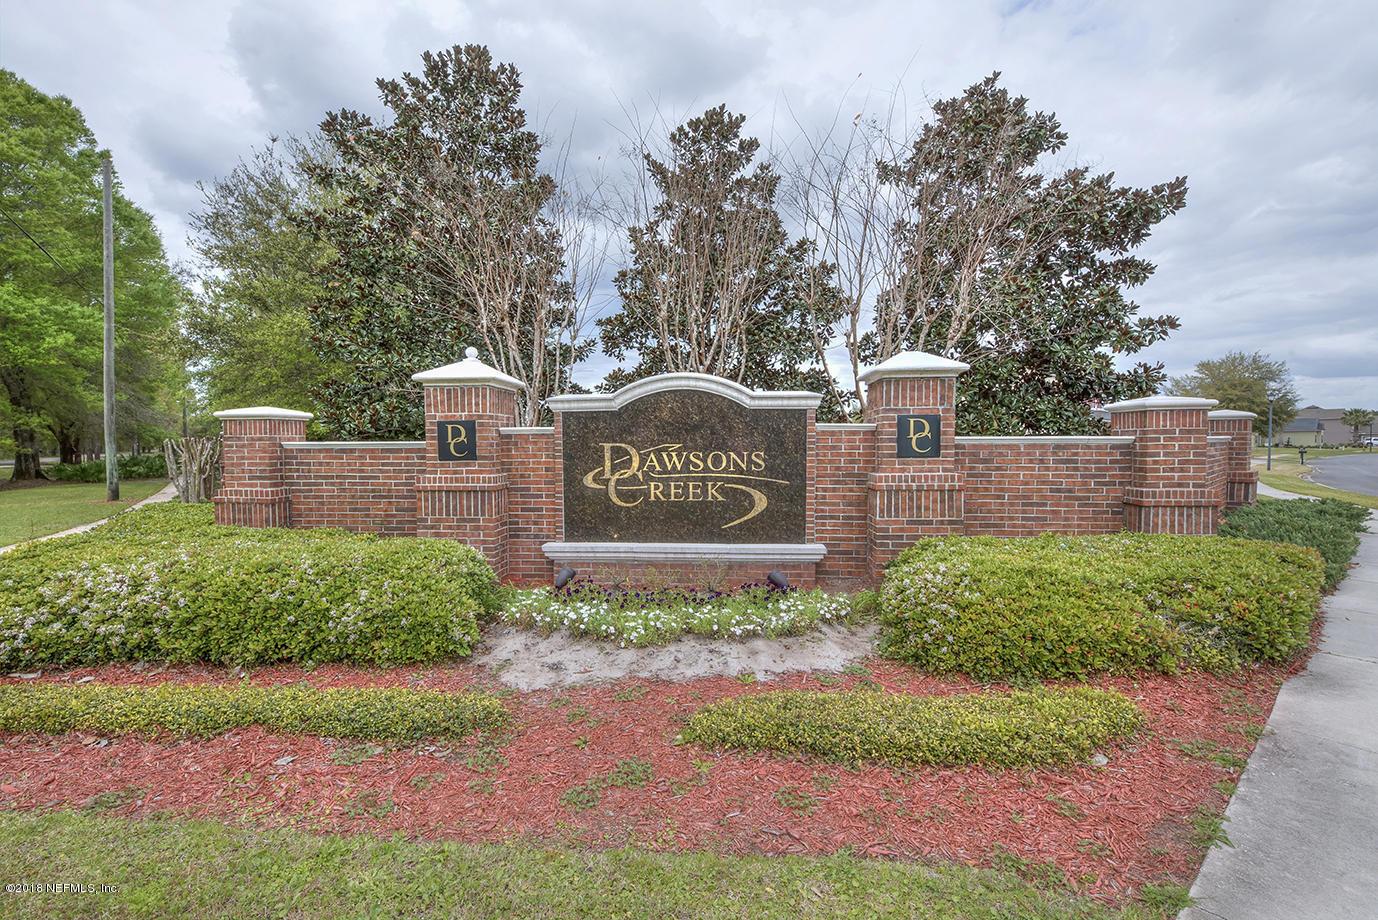 7931 Dawsons Creek Dr